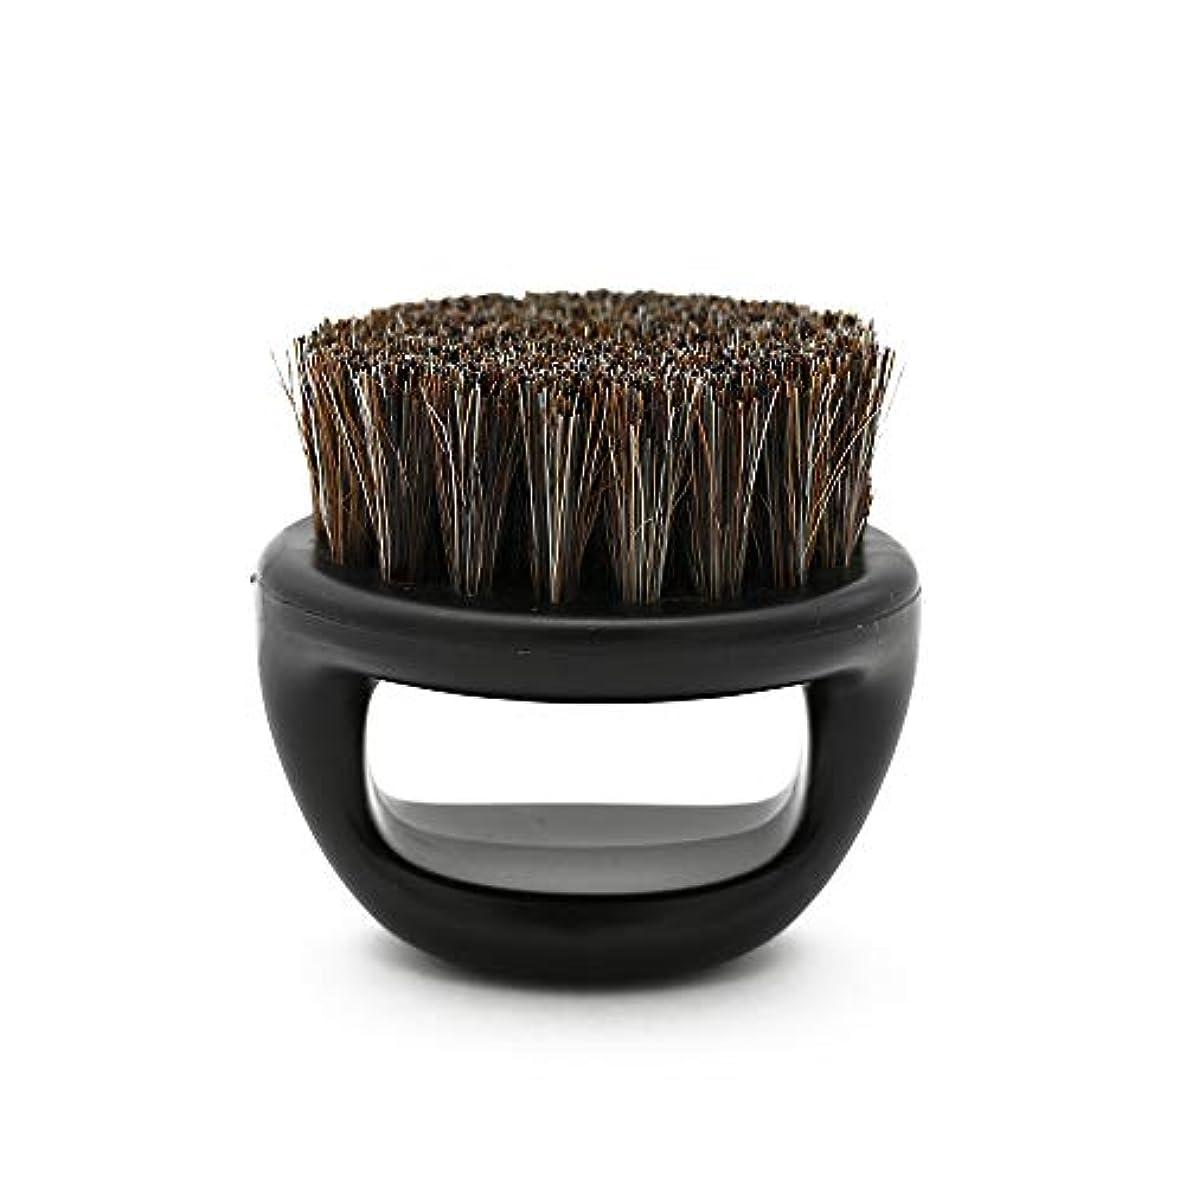 エーカー飾り羽流行しているCUHAWUDBA 1個リングデザイン馬毛メンズシェービングブラシプラスチック製の可搬式理容ひげブラシサロンフェイスクリーニングかみそりブラシ(ブラック)